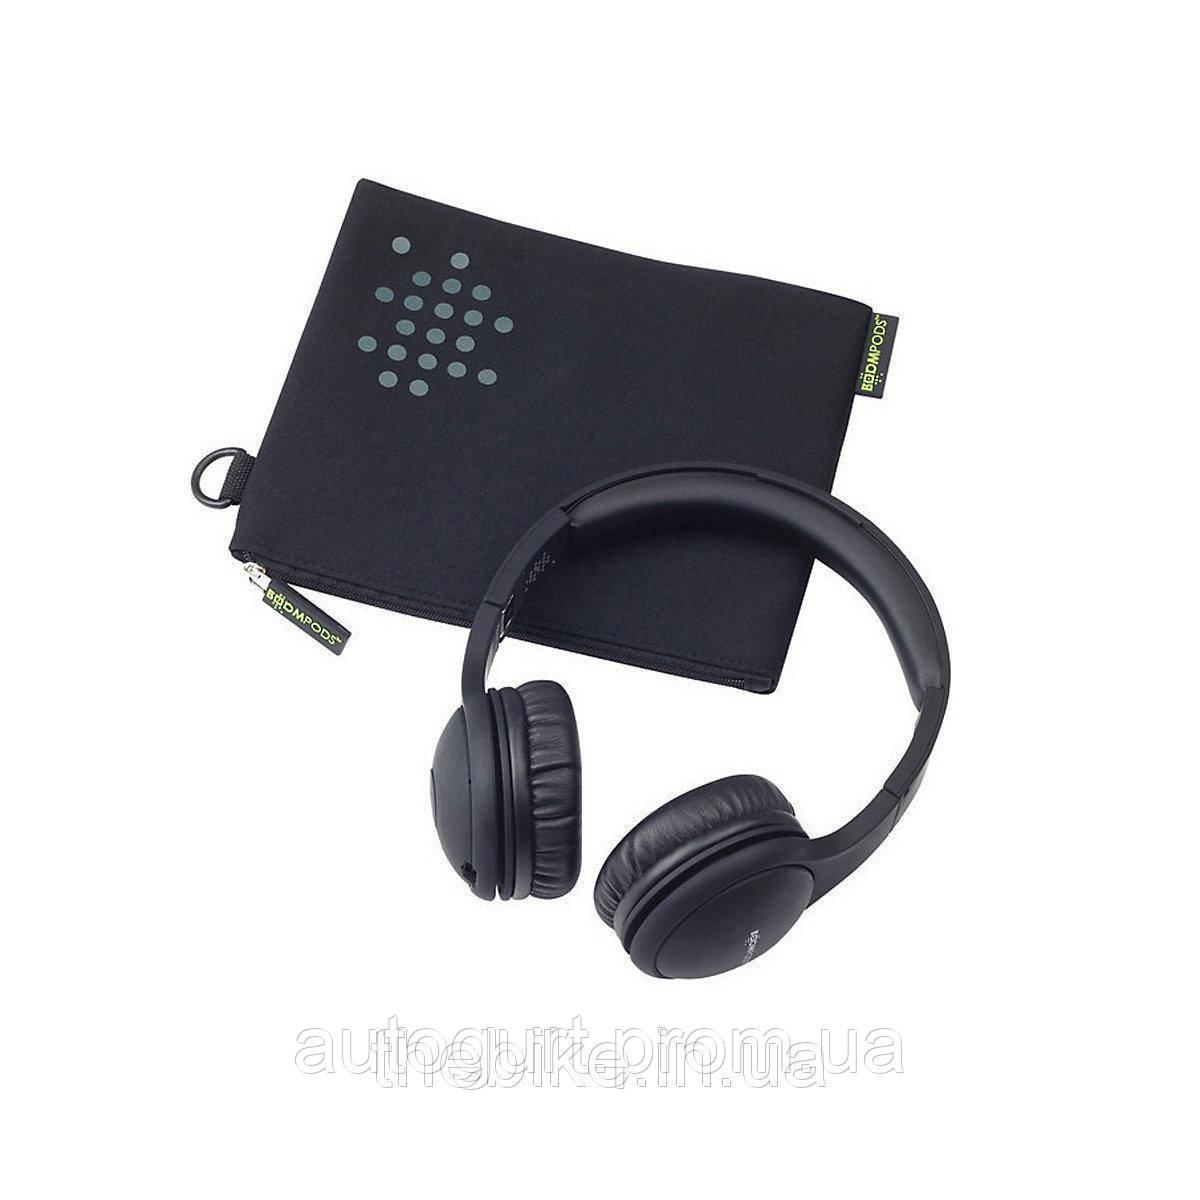 Беспроводные наушники Toyota BOOMPODS Bluetooh Headphones